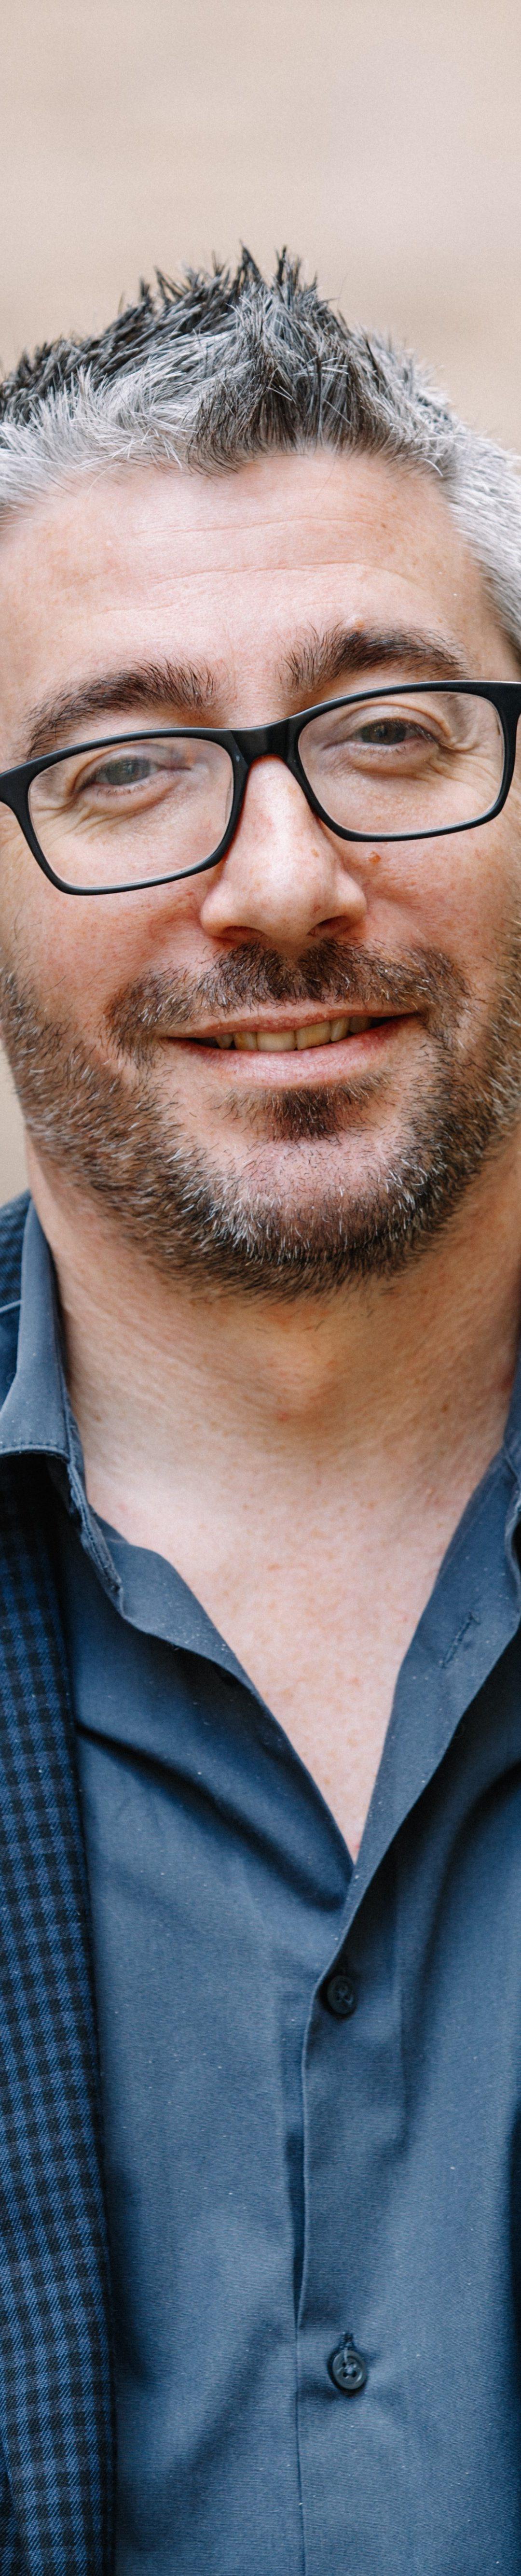 Portrait von Keir McAllister